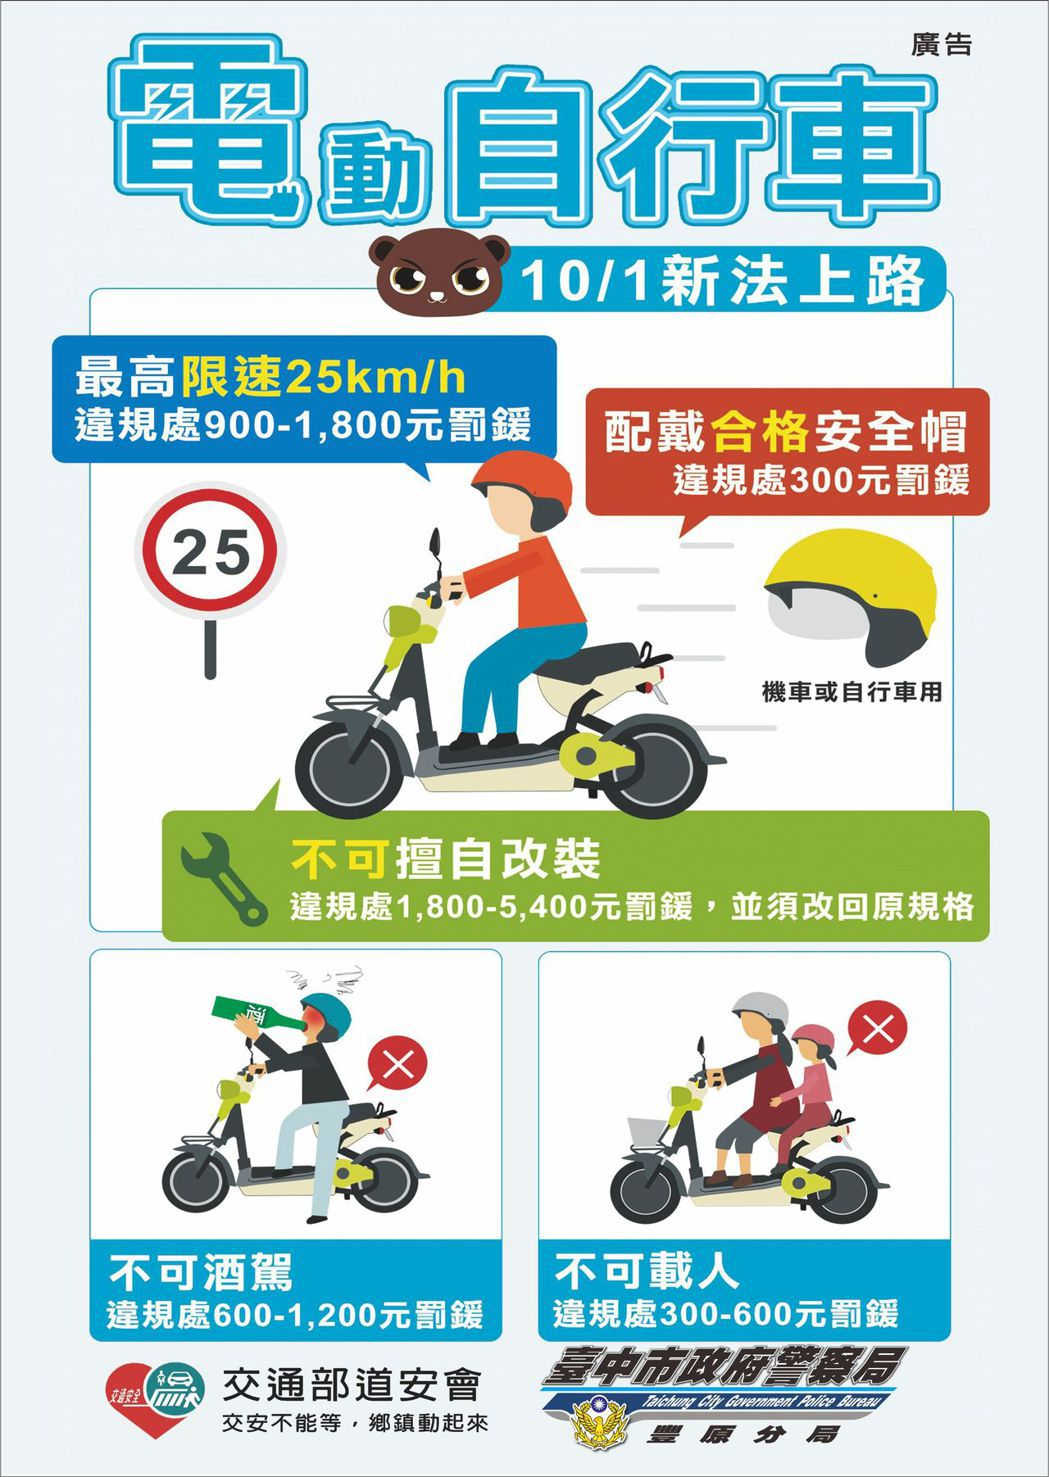 台中市警局豐原分局製作警示牌面與宣導單,加強宣導。圖/台中市警察局豐原分局提供